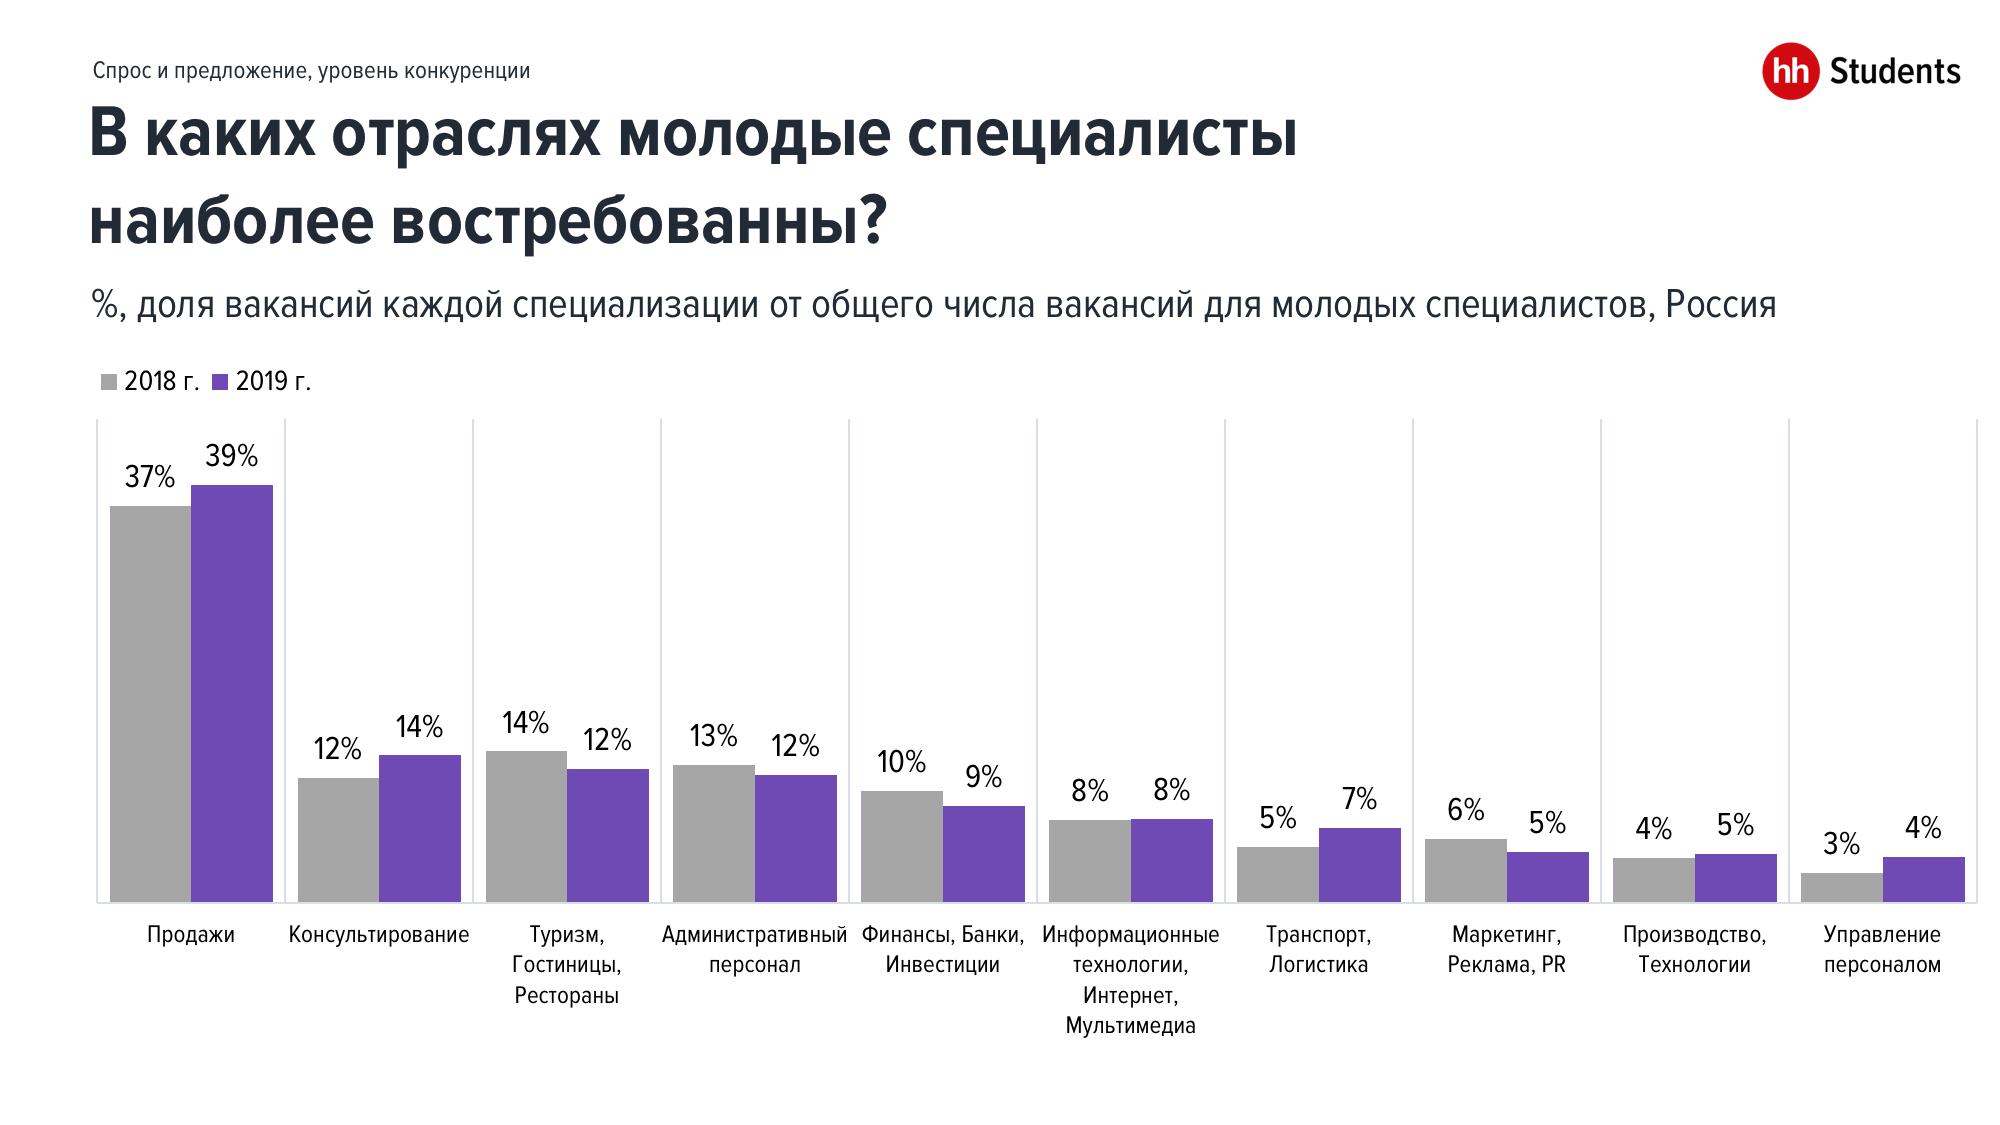 Какие молодые специалисты наиболее востребованны на рынке труда?